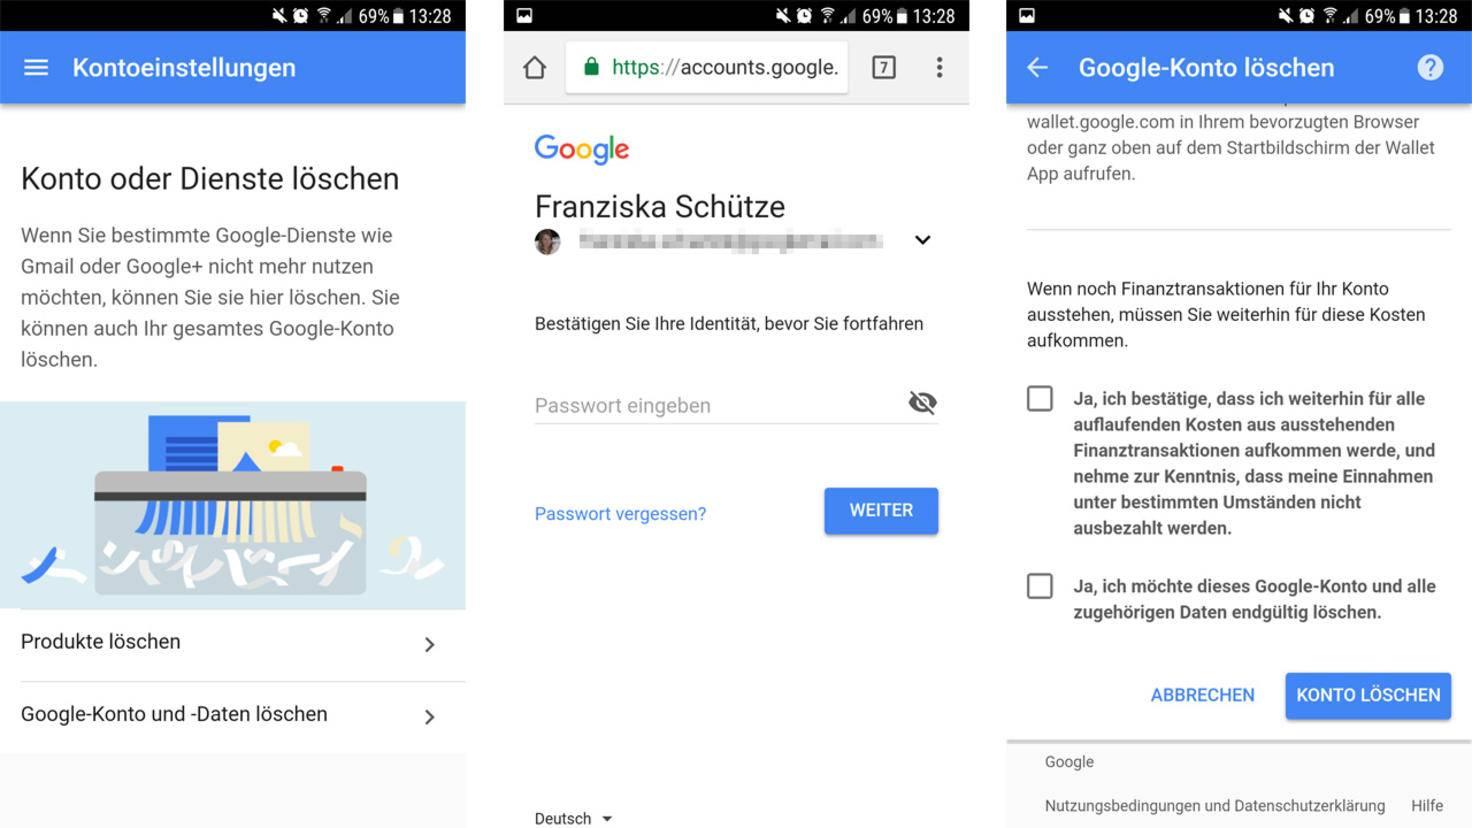 Google Konto loeschen mobil